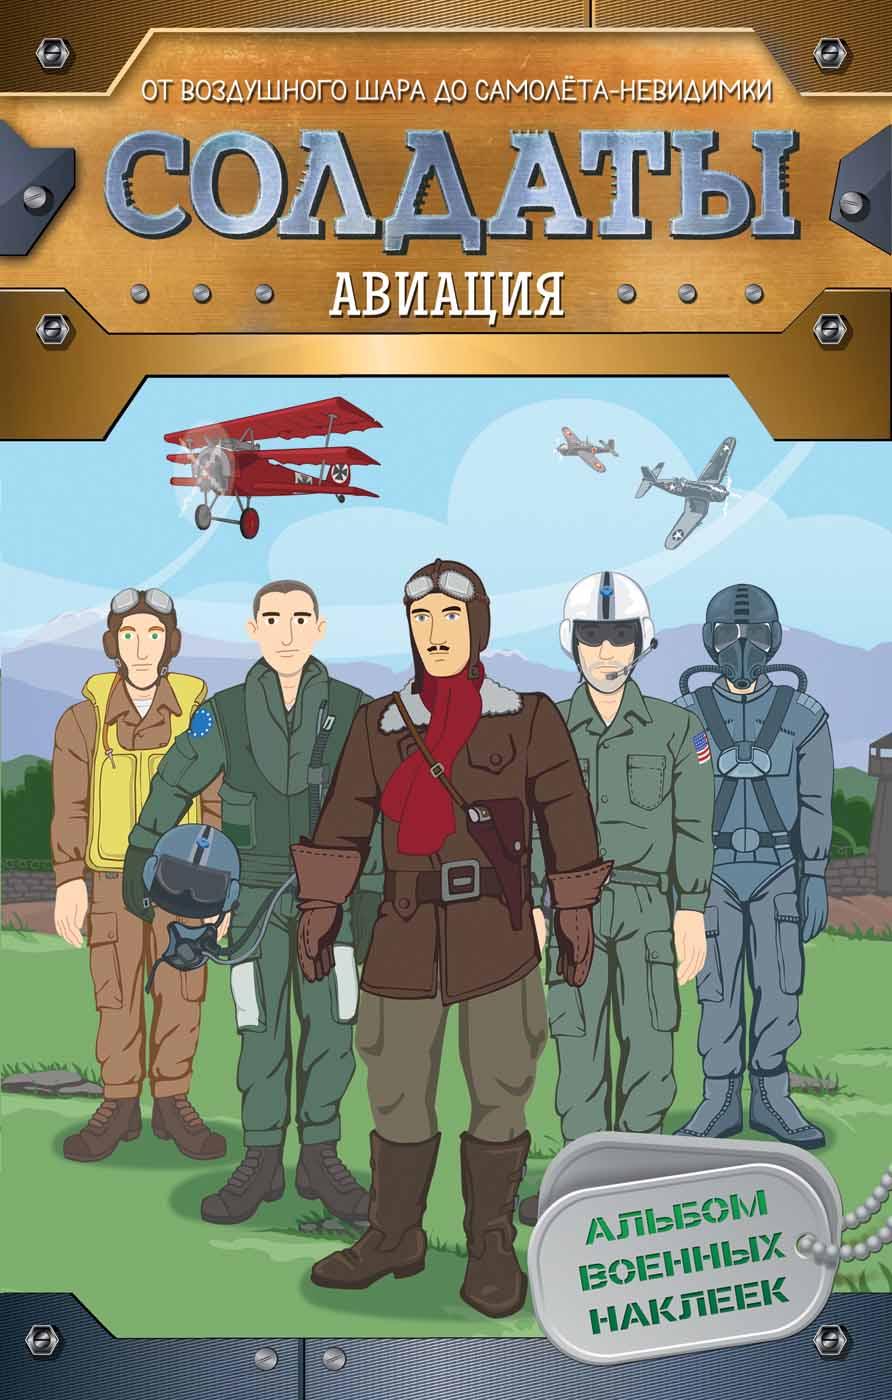 Альбом военных наклеек - Солдаты. АвиацияРазвивающие наклейки<br>Альбом военных наклеек - Солдаты. Авиация<br>